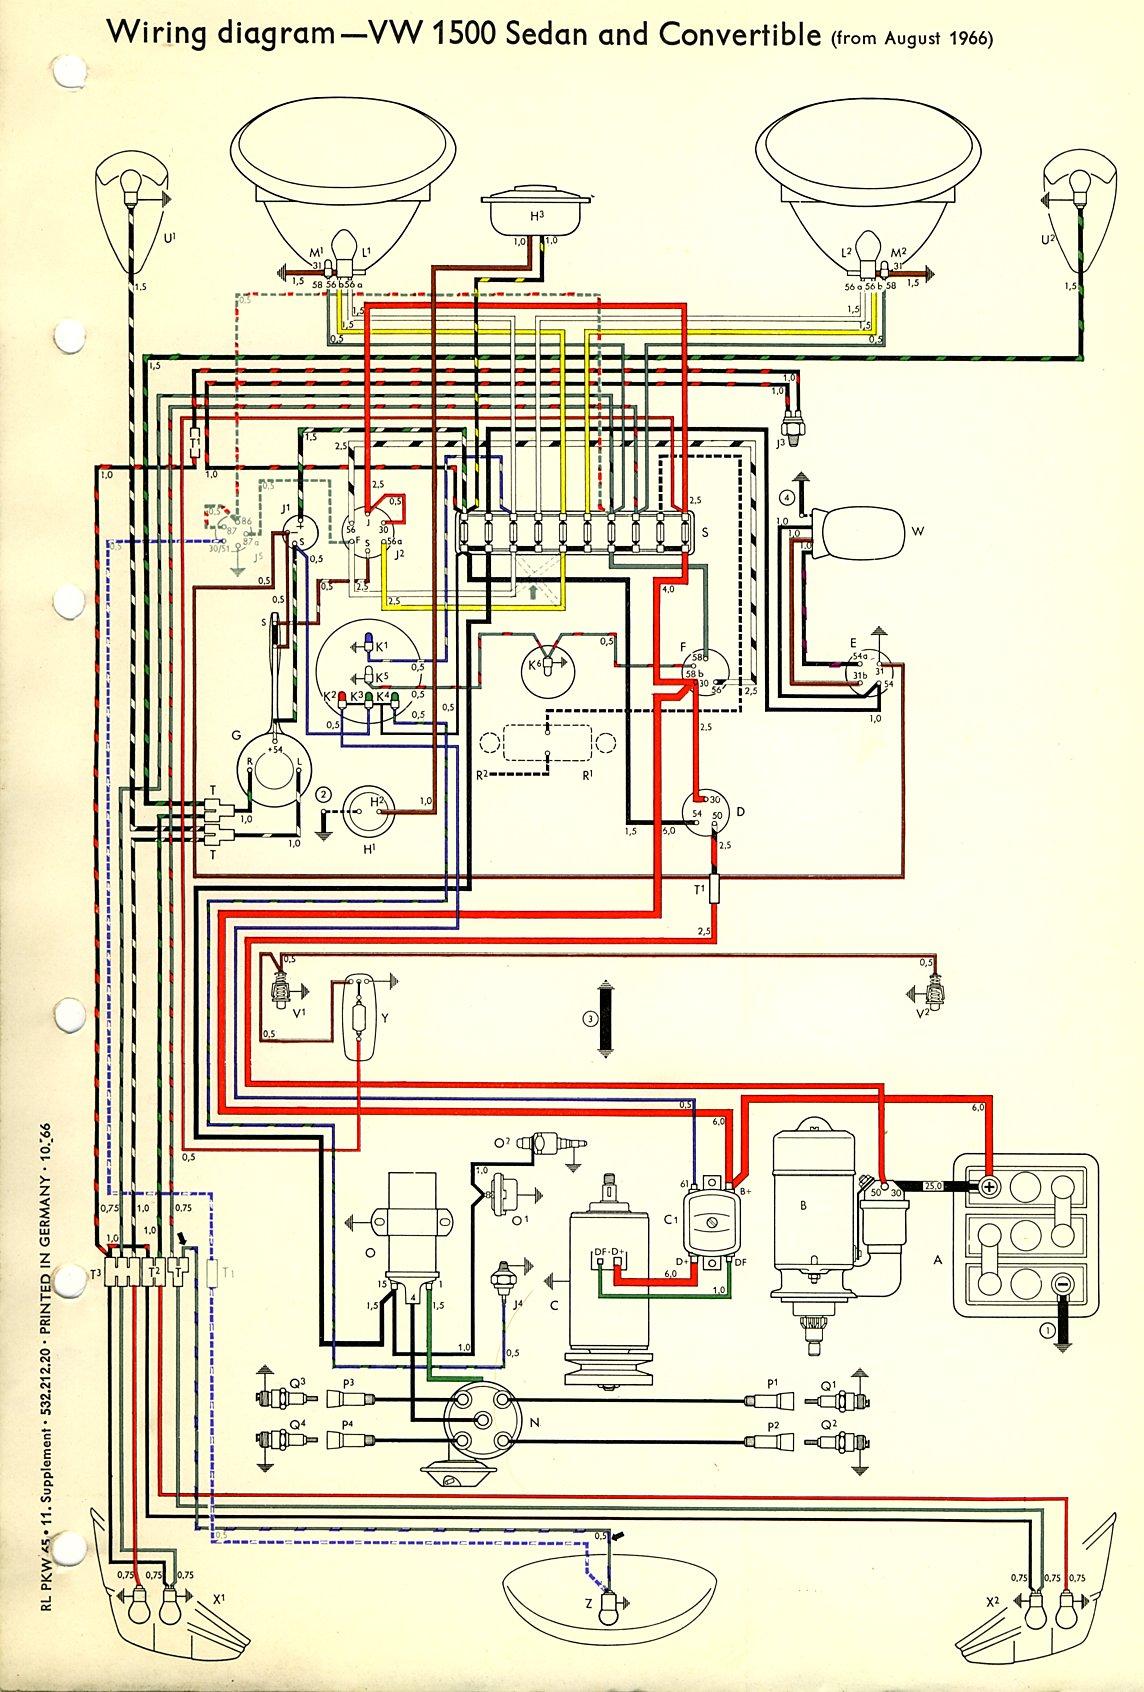 1975 volkswagen wiring diagram so schwabenschamanen de \u2022 1974 VW Super Beetle Wiring Diagram 1975 volkswagen beetle wiring diagram free download best wiring rh 59 princestaash org 1975 vw bug